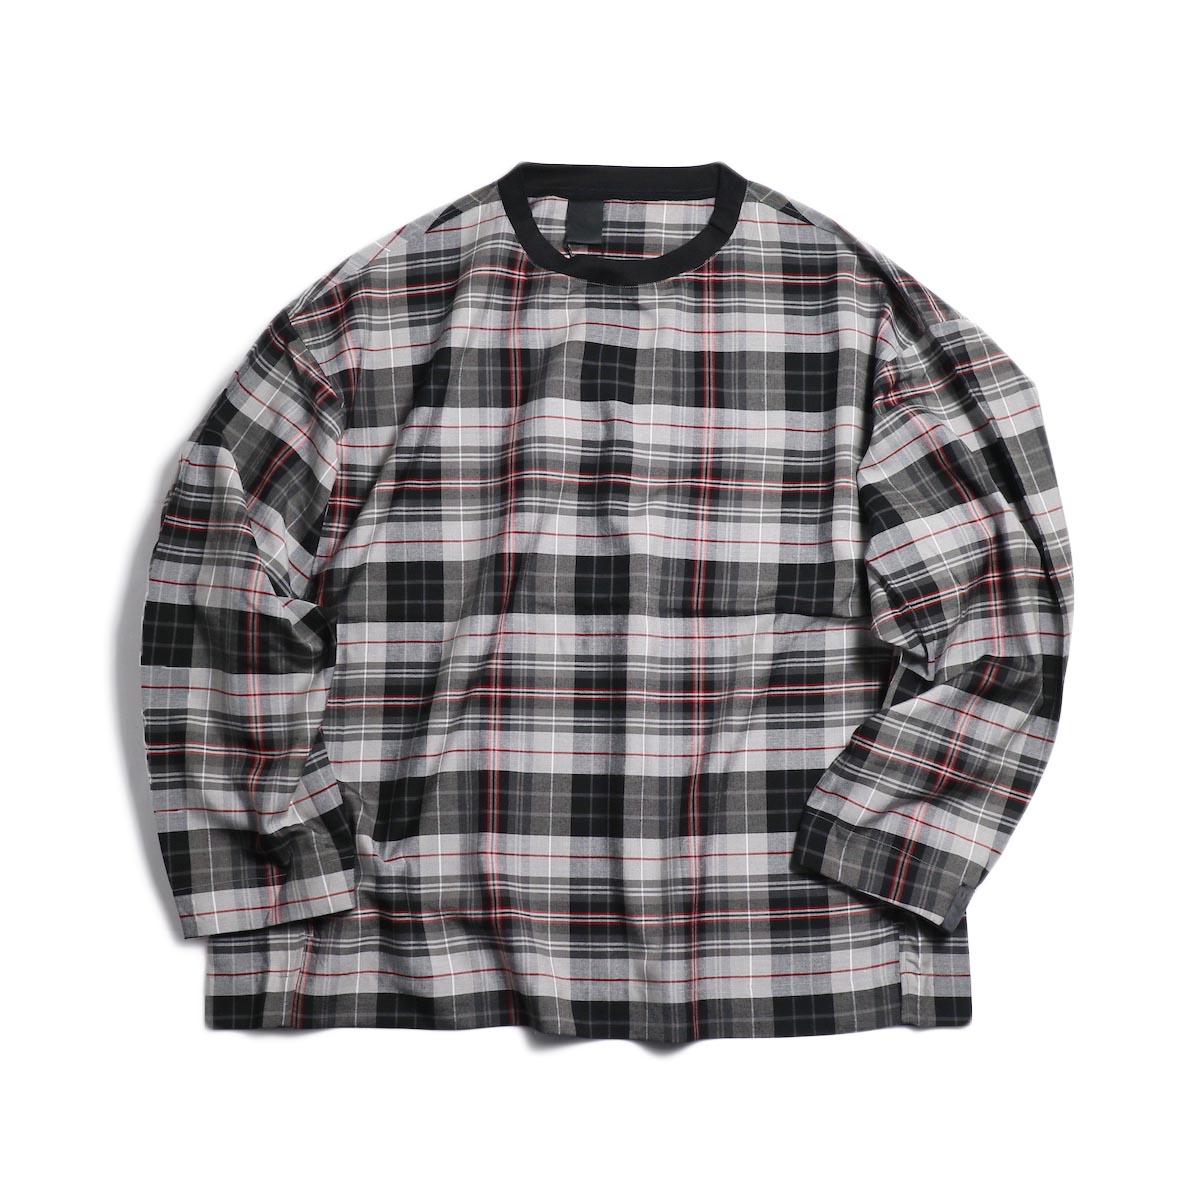 N.HOOLYWOOD / 291-SH08-004-peg Pullover Shirt (Bk.Check)